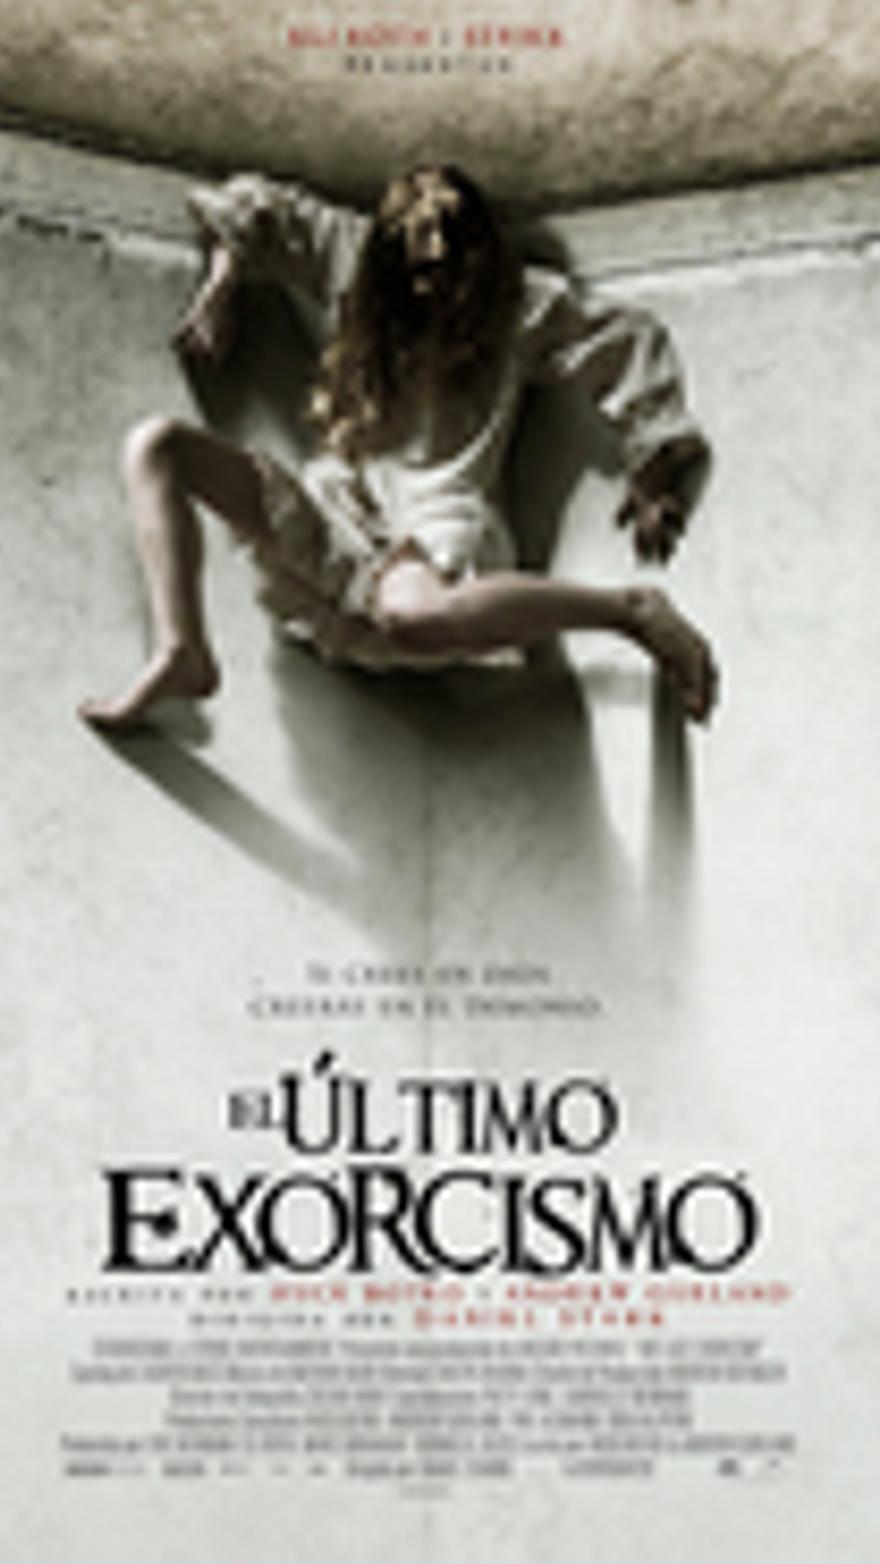 El último exorcismo (2010)